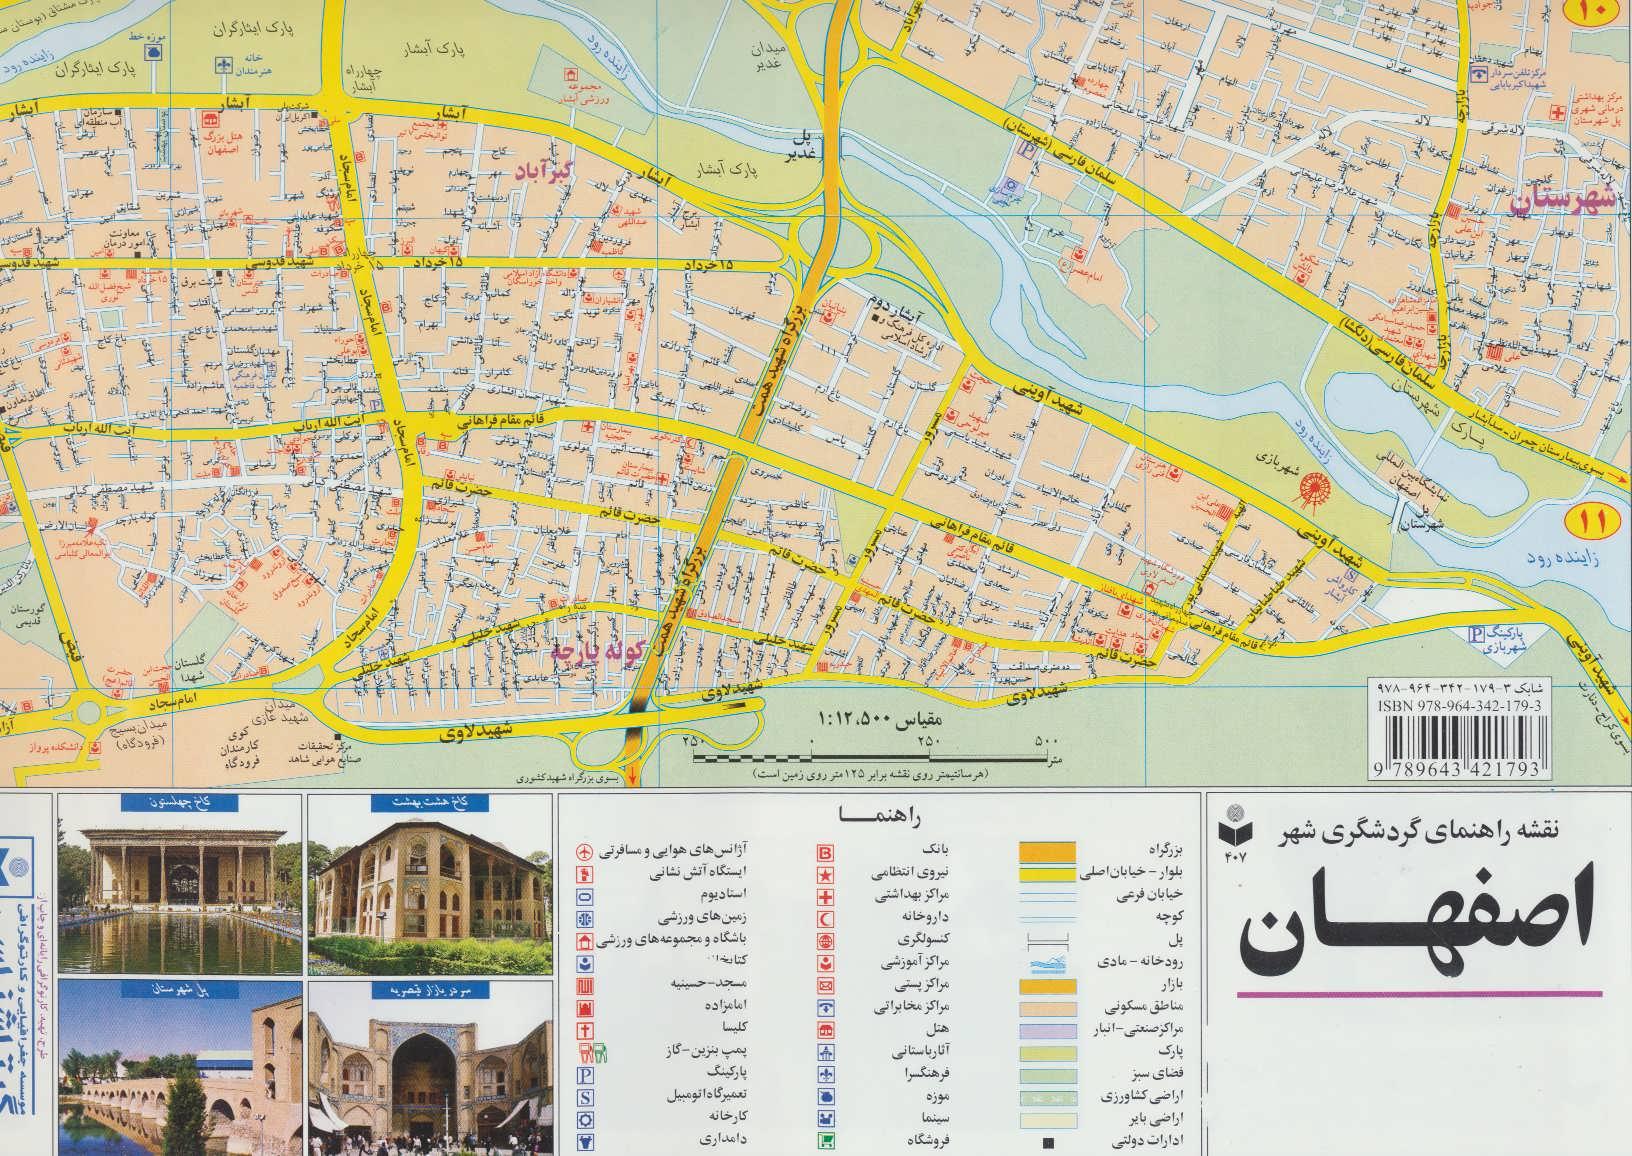 نقشه شهر اصفهان کد 407 (گلاسه)